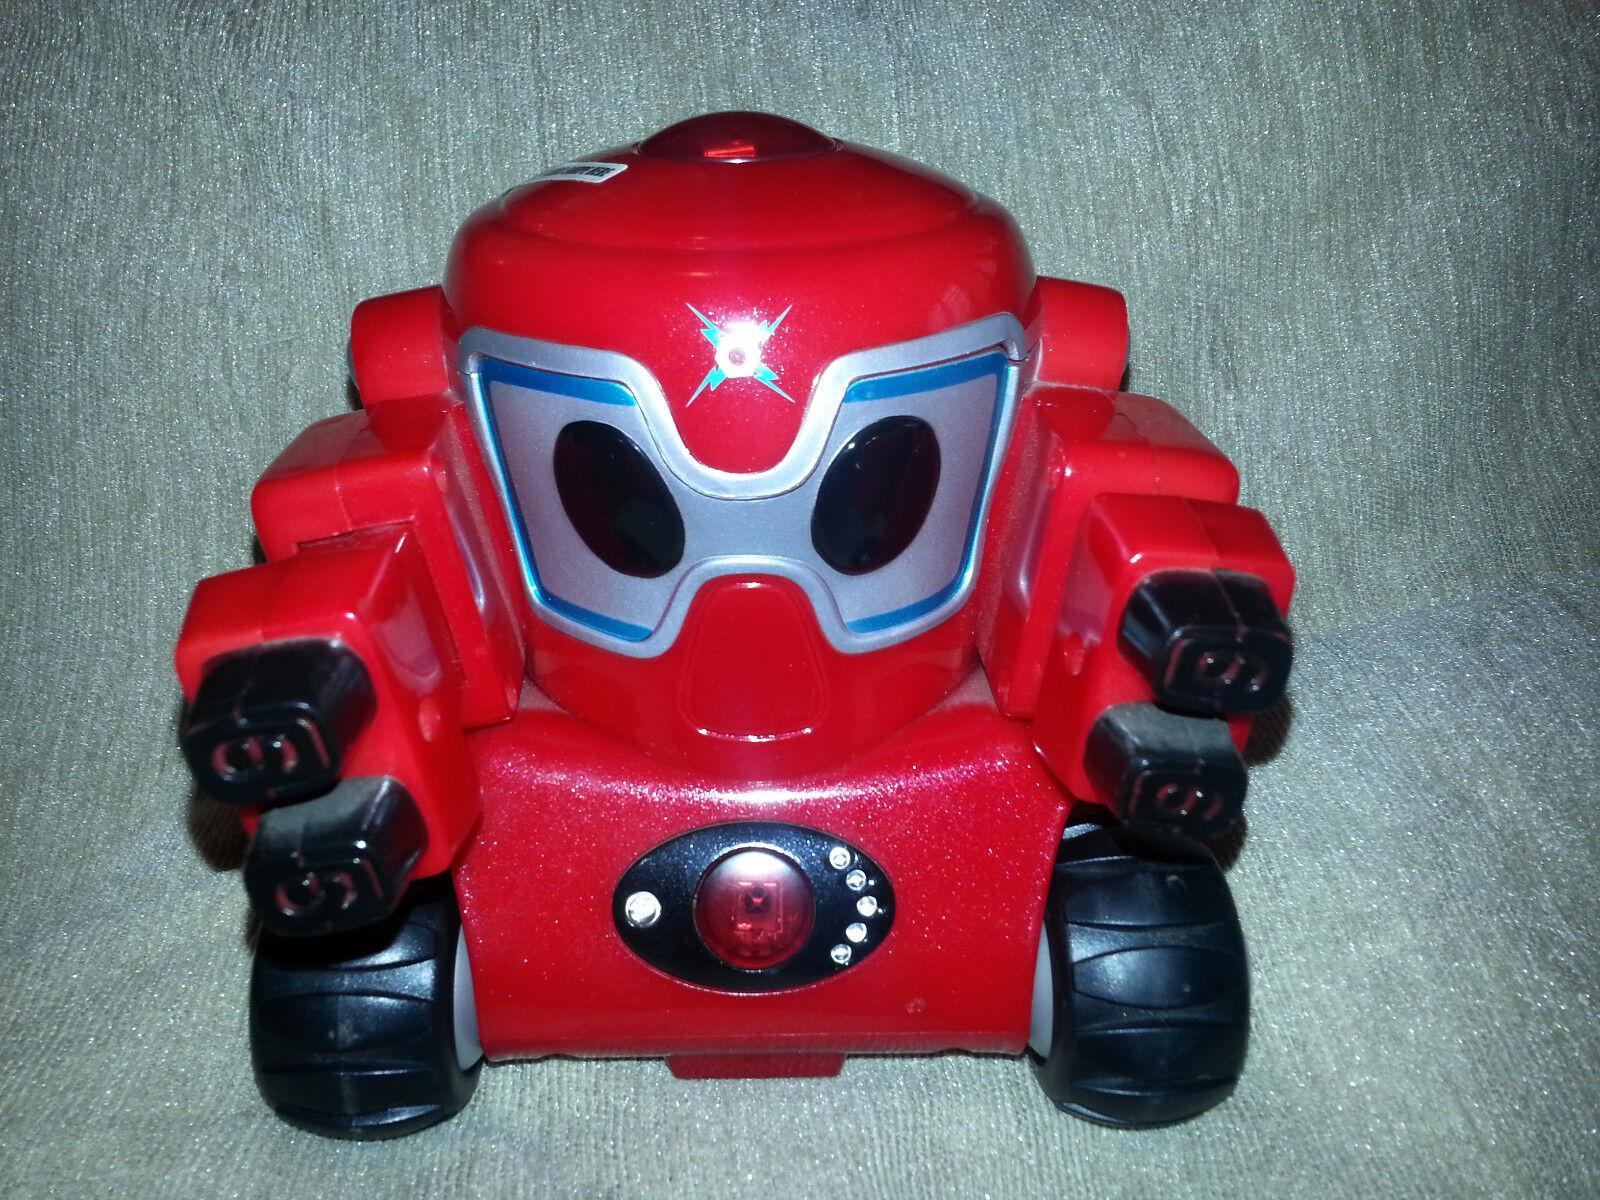 RUMBLE ROBOT Diamond Series LUG LUG LUG NUT Battle Bot RED TEAM Fight Toy TRENDMASTERS 3995b5